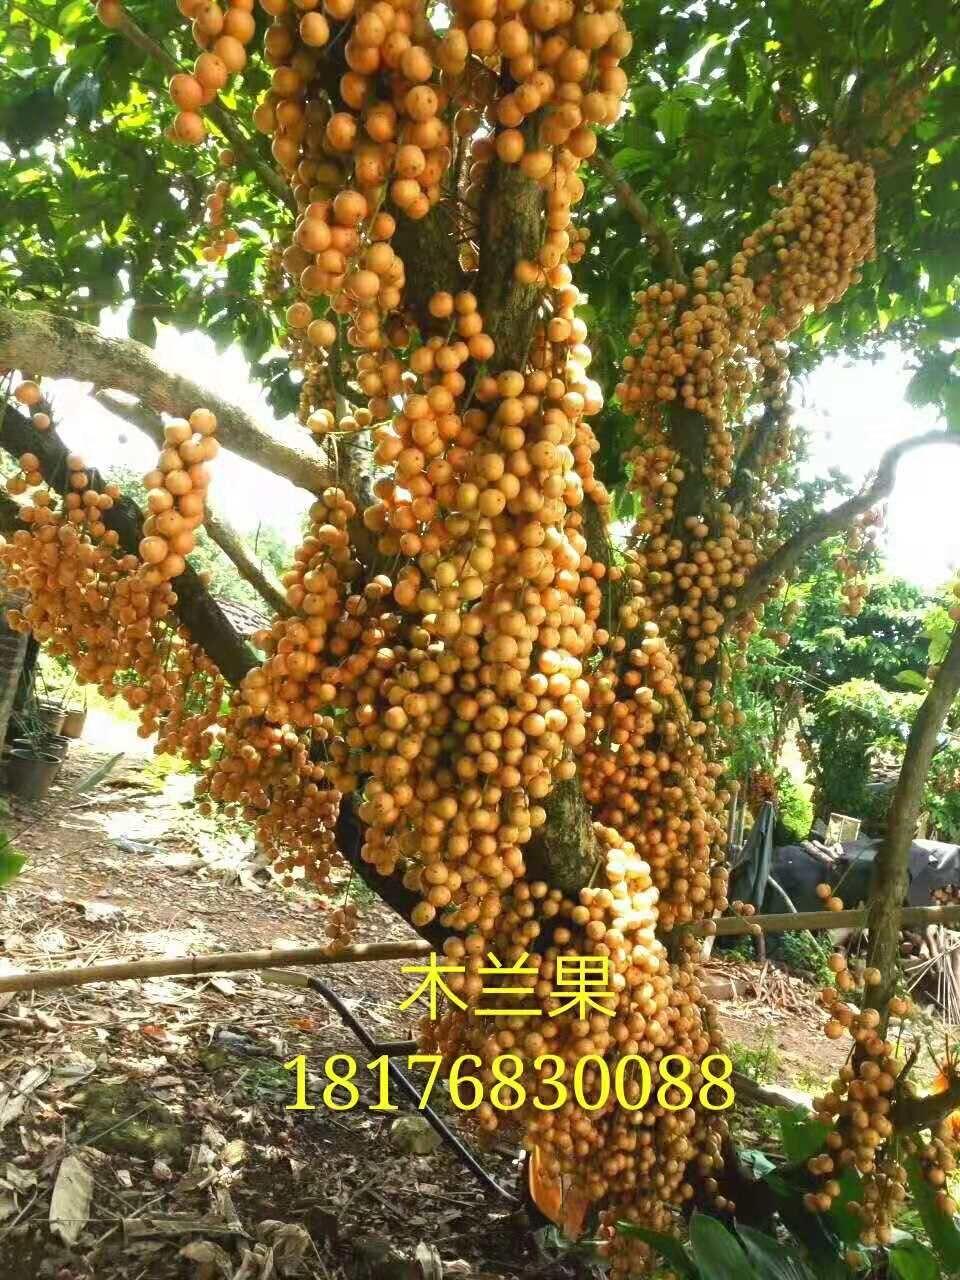 贵州木兰果种植基地 木兰果特点 木兰果价格 经销商报价